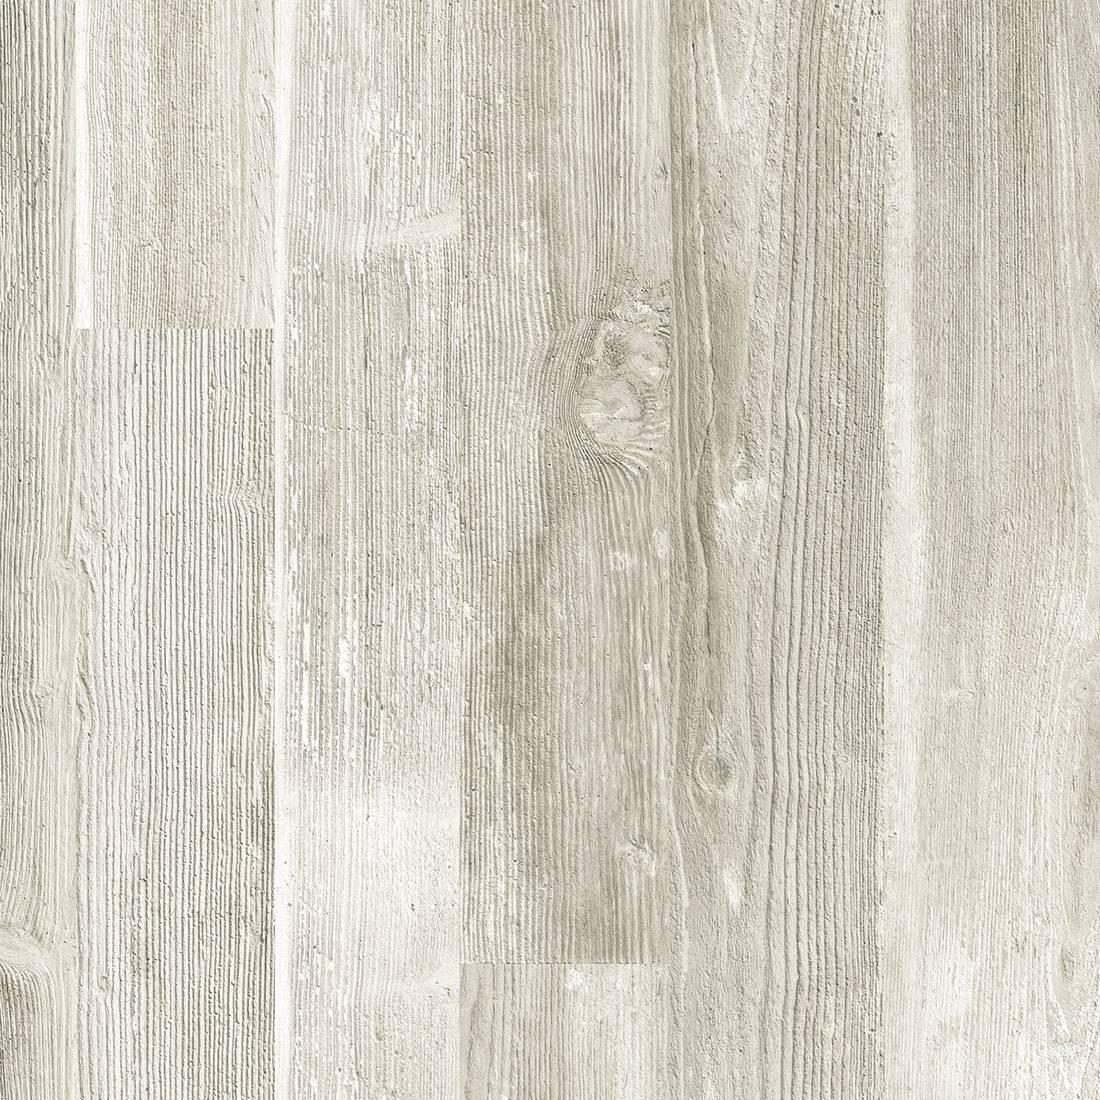 K027 Formed Wood SU (Worktop HPL sample)